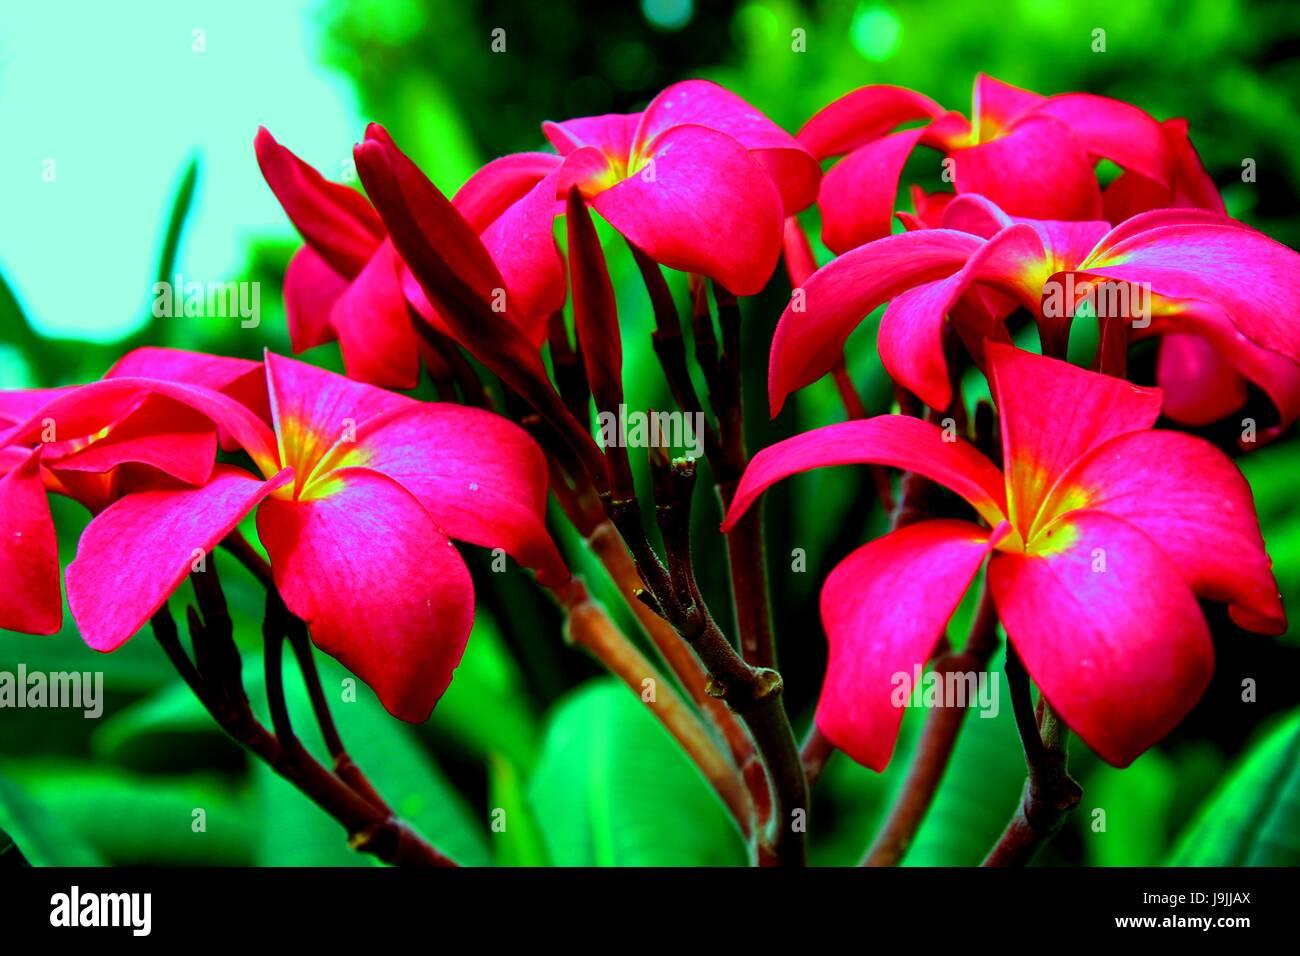 Velvet / red color Plumeria - Araliya flower Stock Photo: 143624402 ...